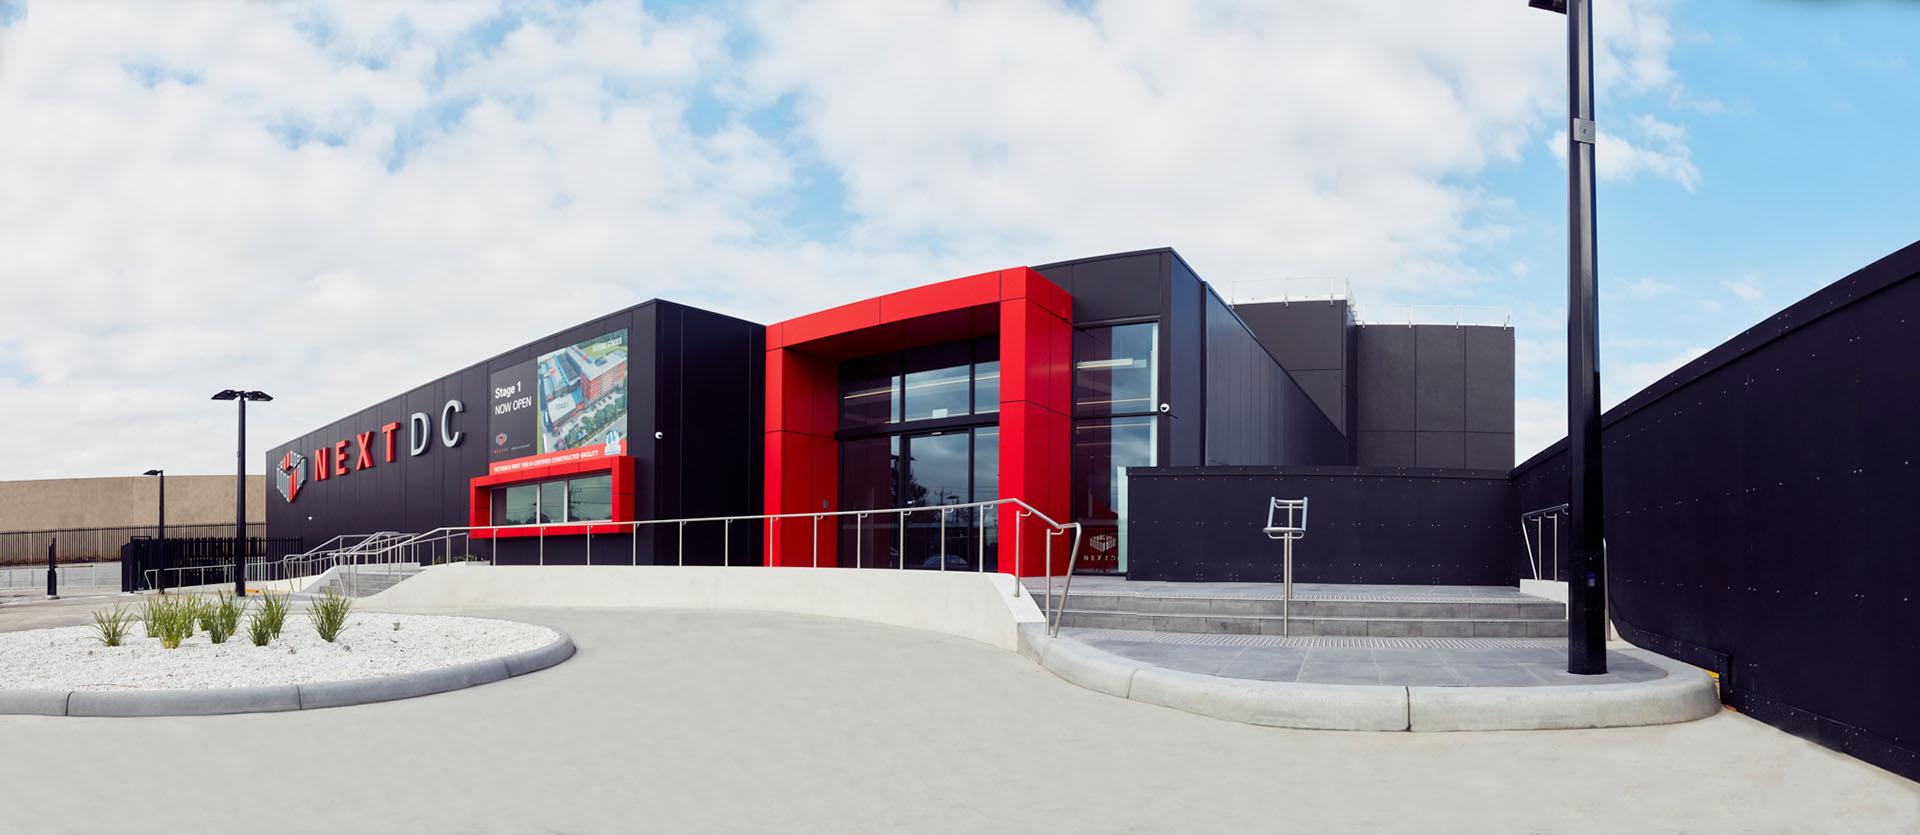 NEXTDC data center Australia -Genetec Inc physical security solutions